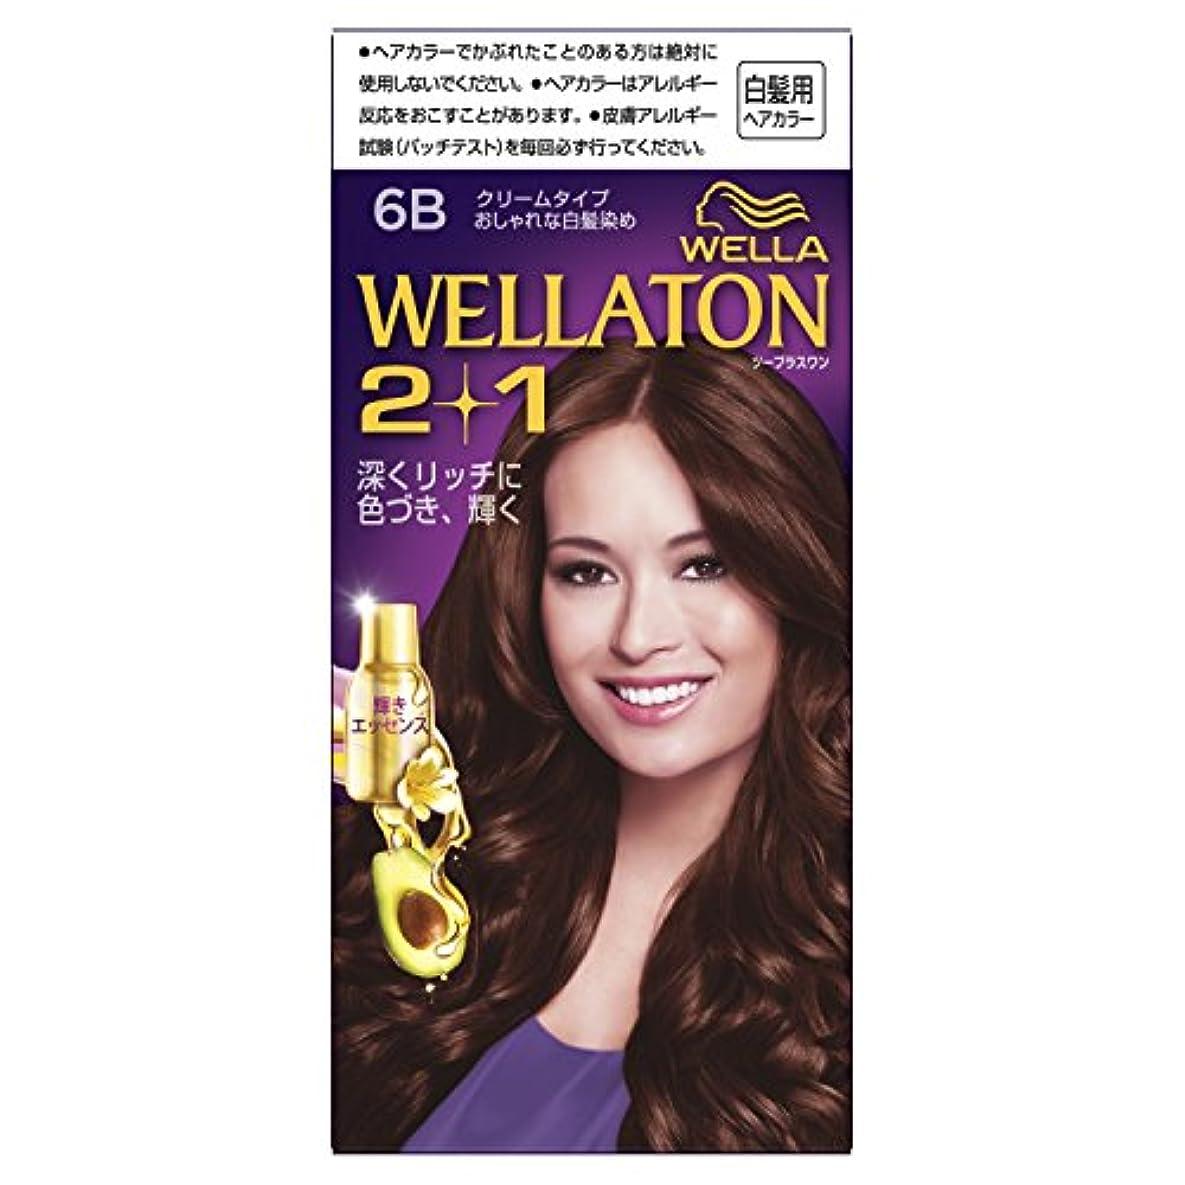 サポートプランテーションパートナーウエラトーン2+1 クリームタイプ 6B [医薬部外品](おしゃれな白髪染め)